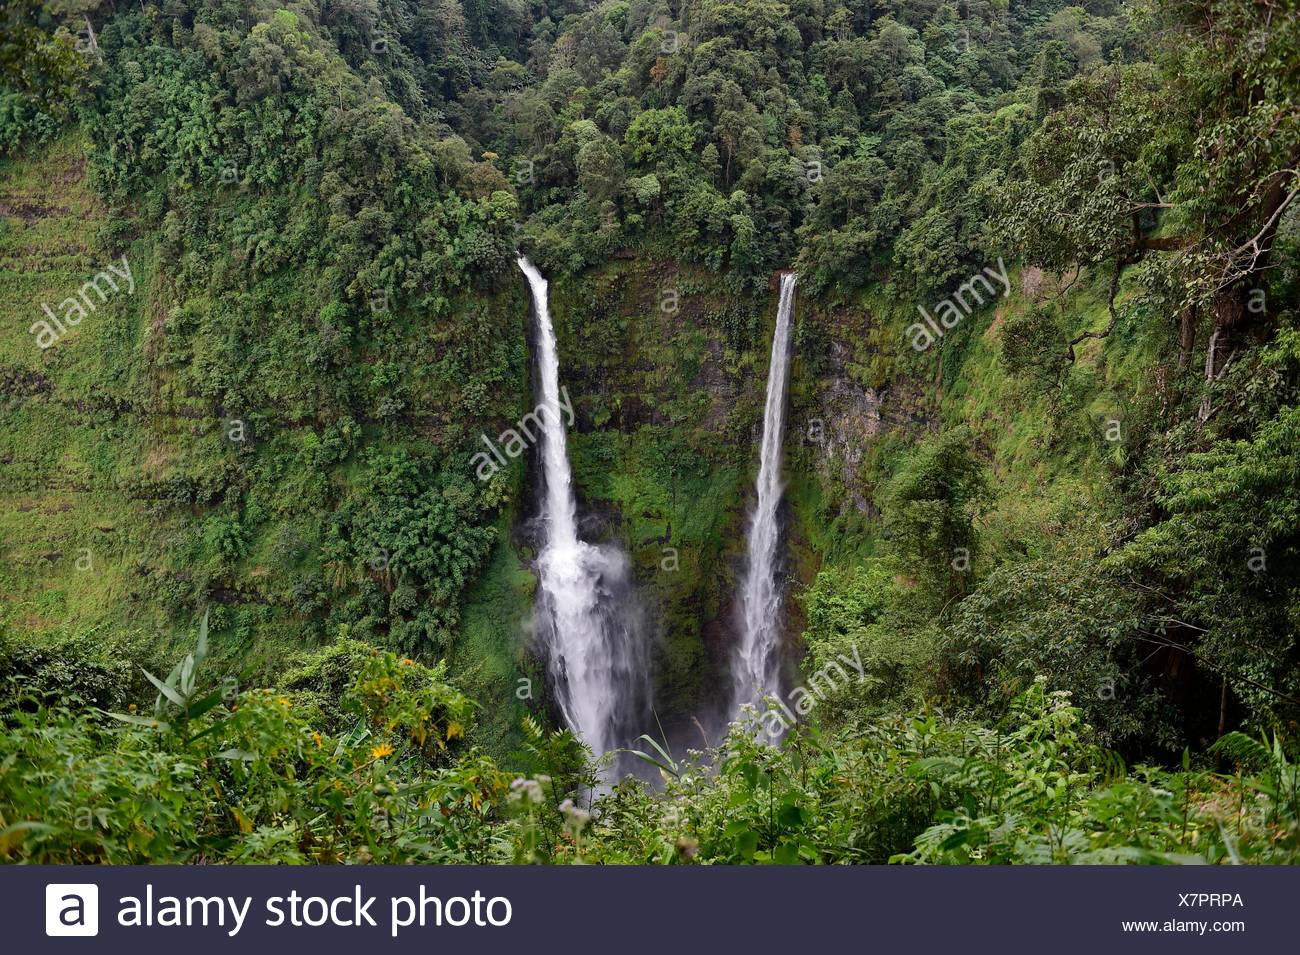 Cascade de Tad Fane,Plateau des Bolavens,Pakse Laos,,Asie du sud-est. Banque D'Images